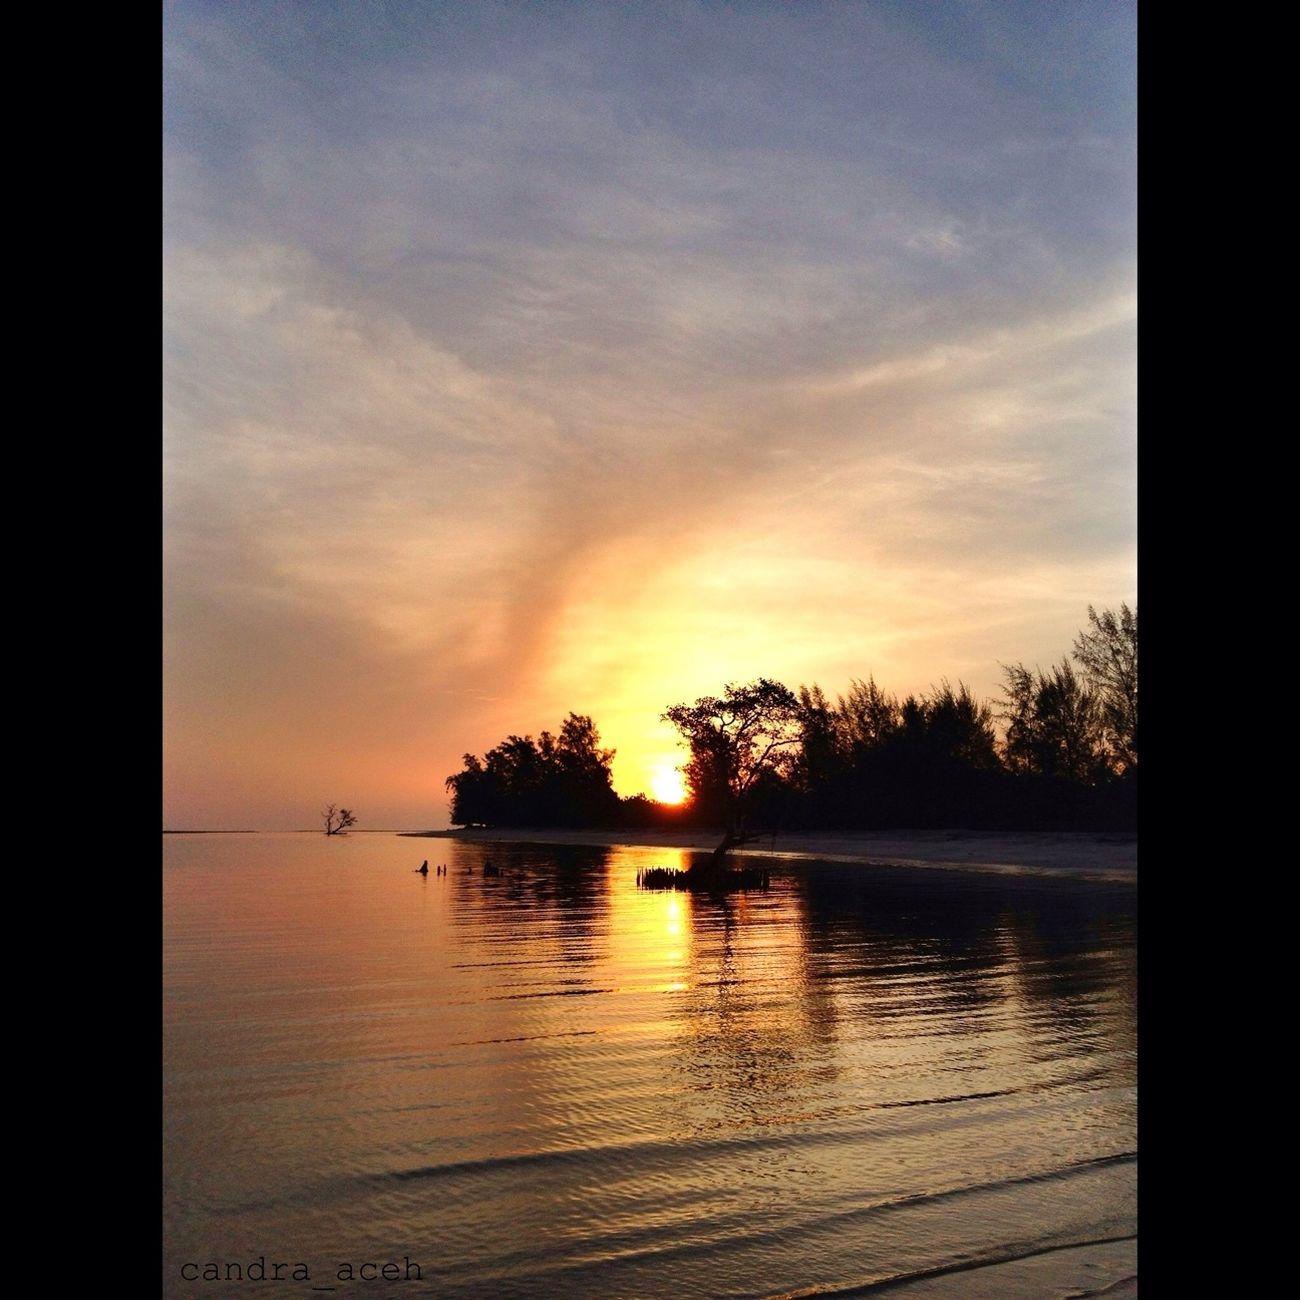 Aceh-Indonesia